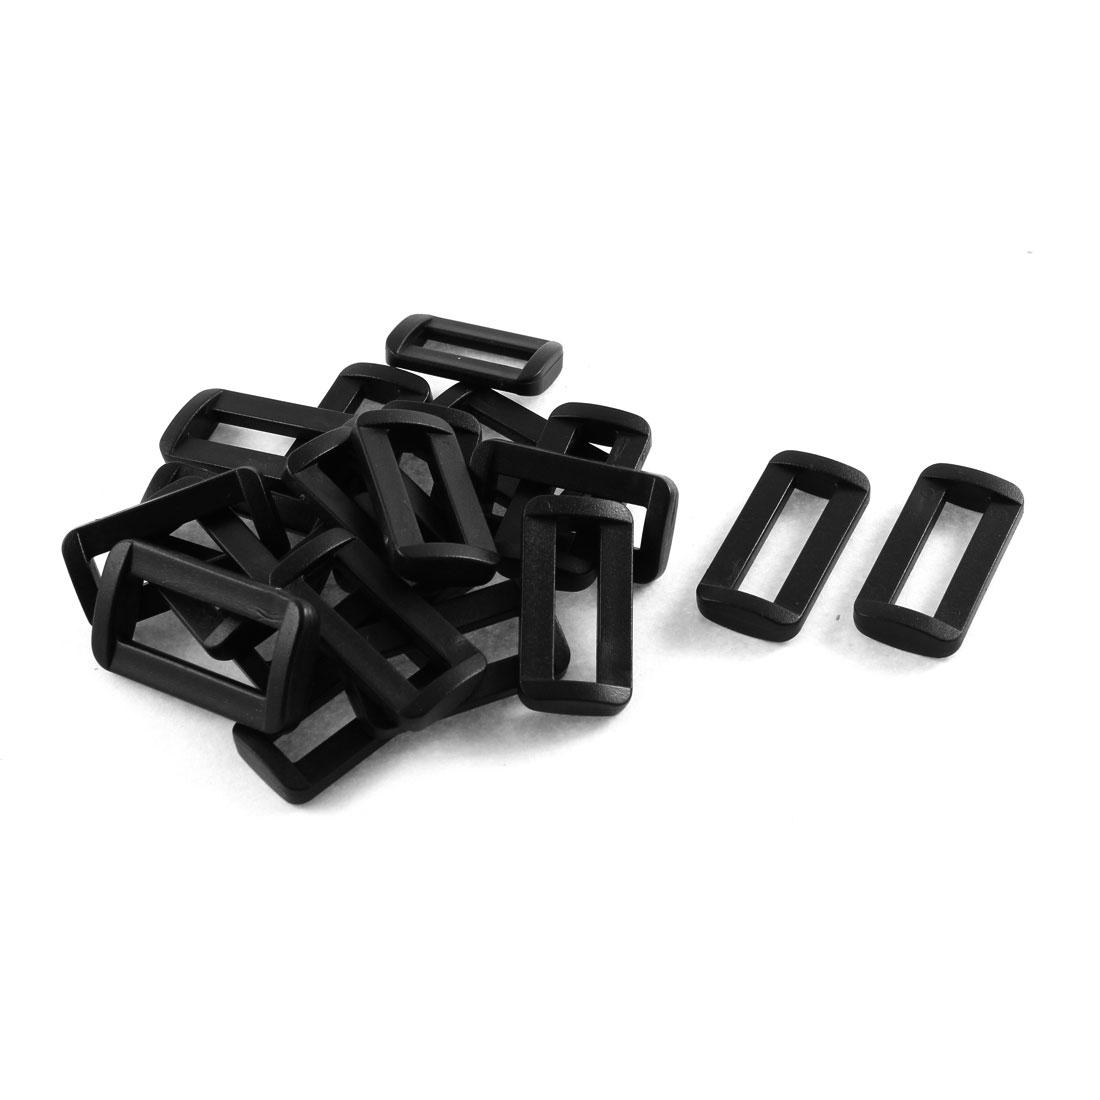 20pcs Black Plastic Bar Slides Buckles for 2.5cm Webbing Strap